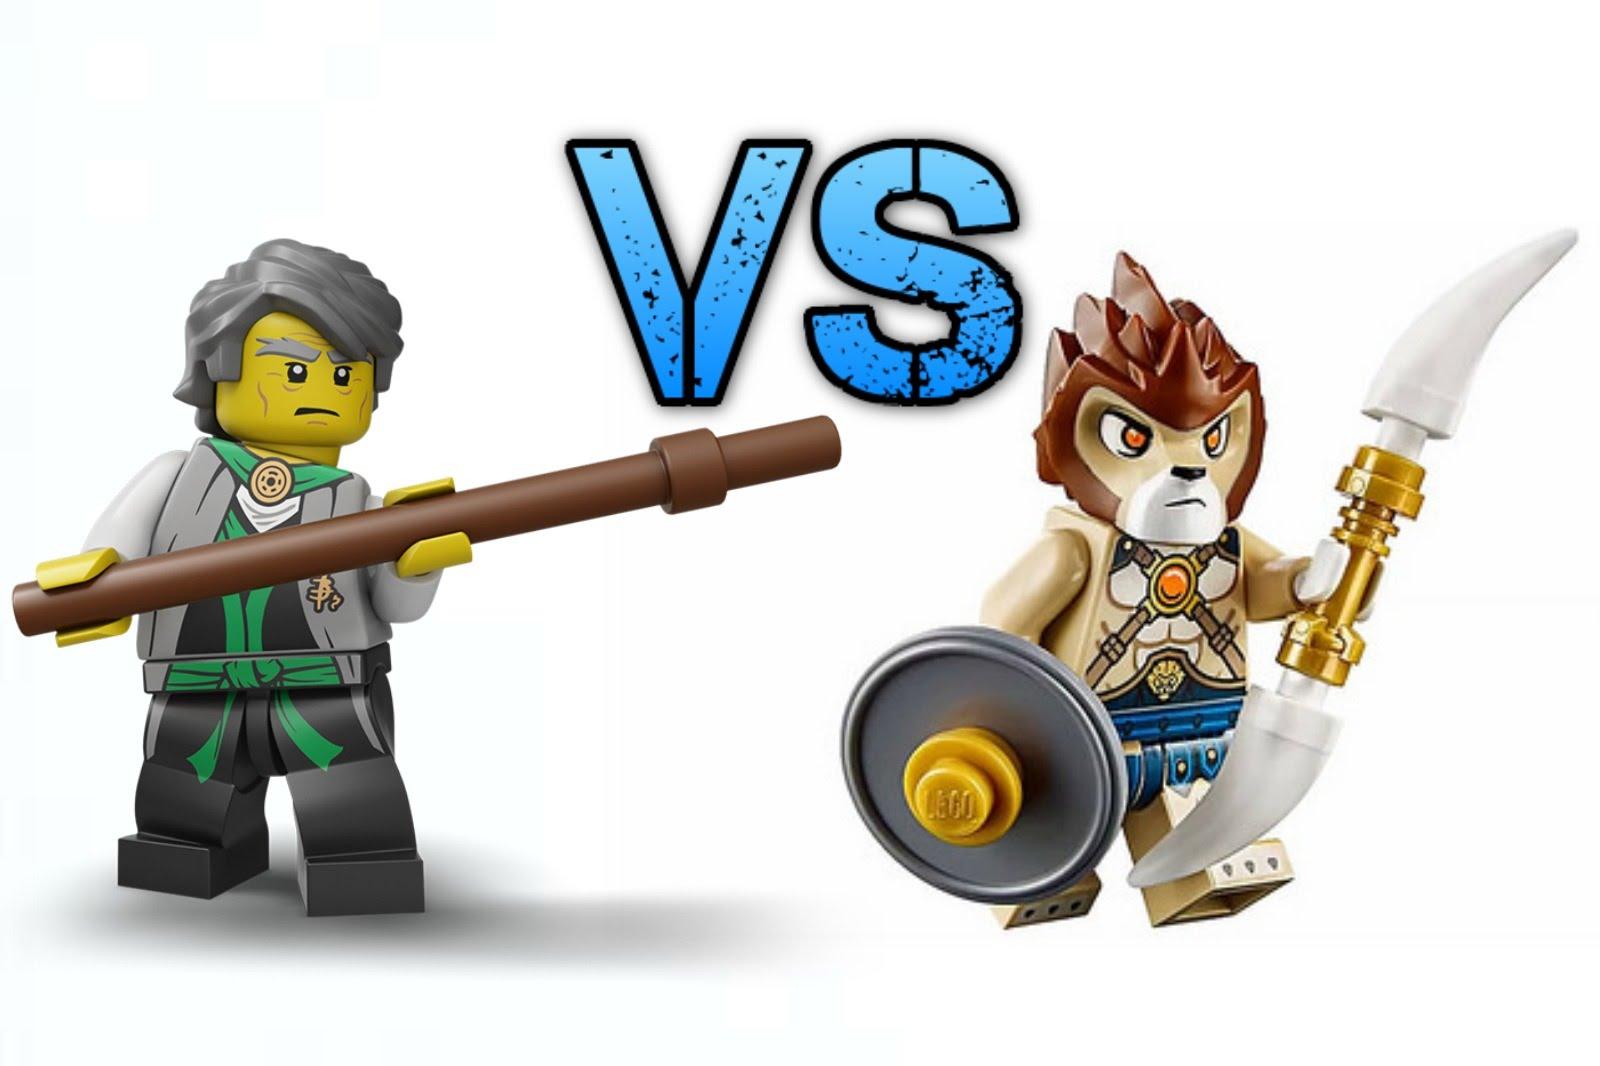 1600x1066 Lego Chima 2015 Vs Lego Ninjago 2015